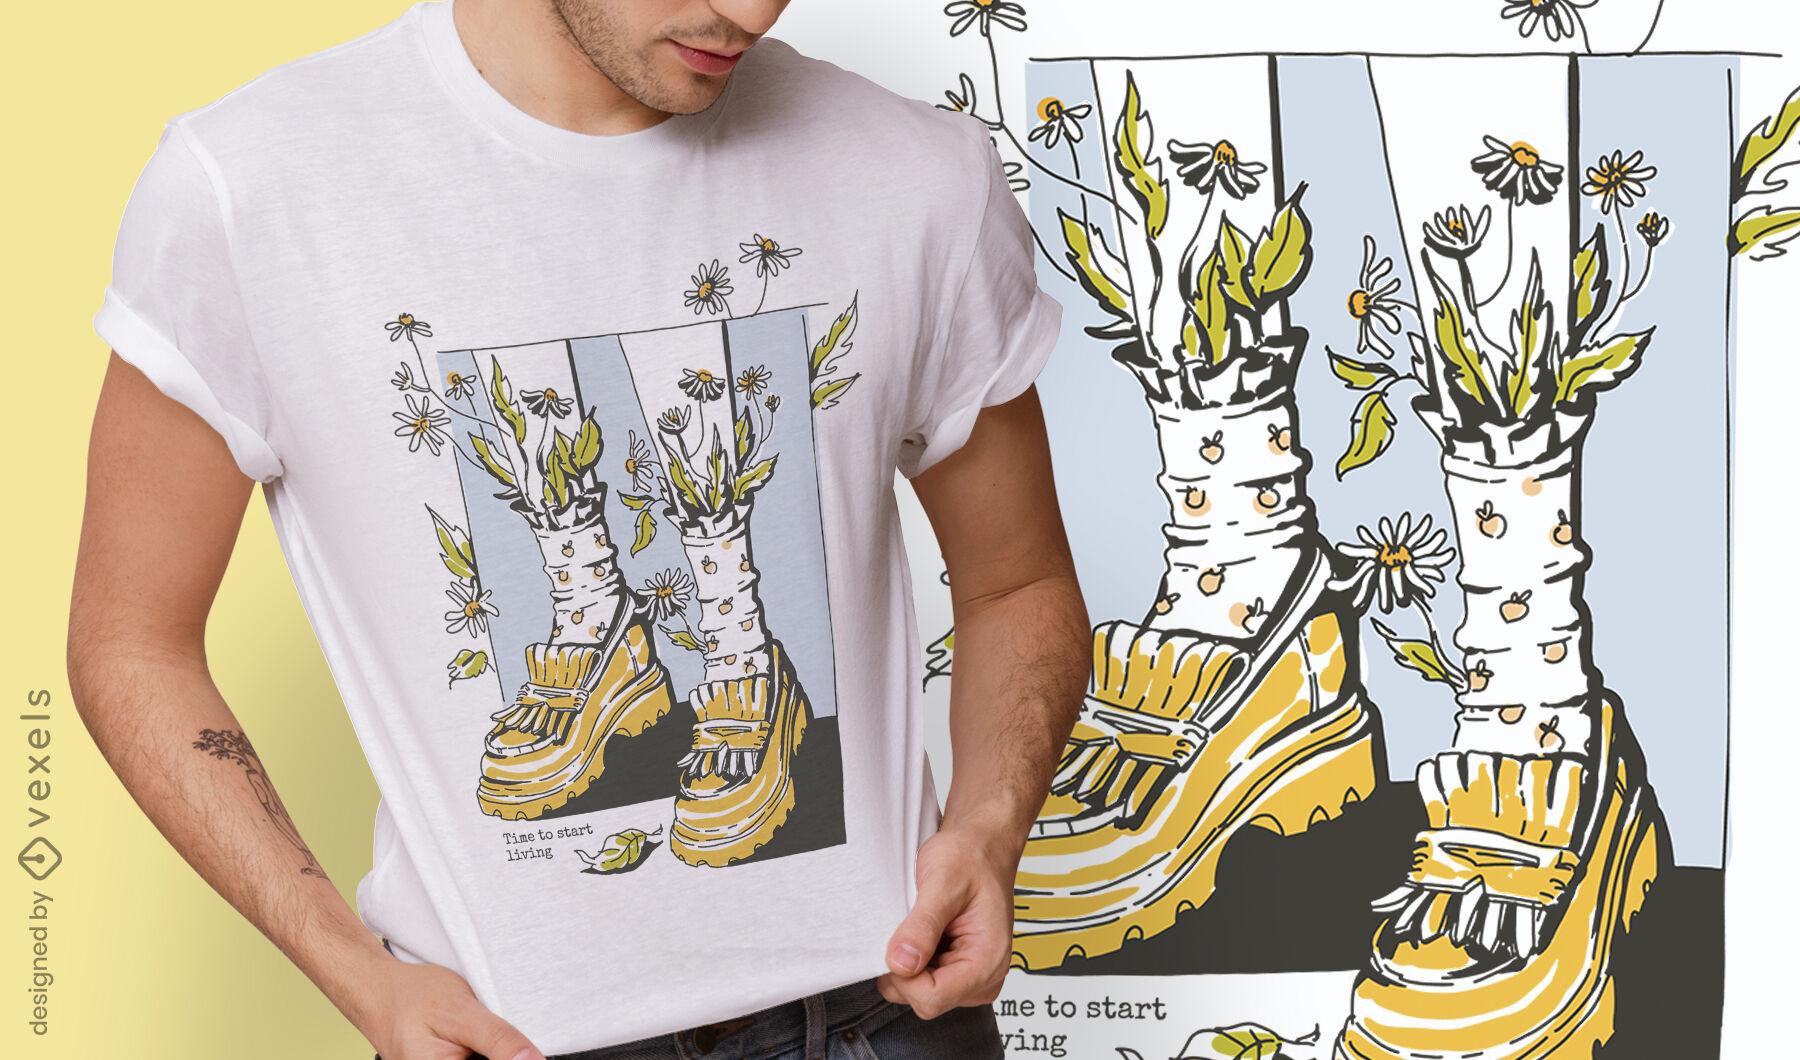 Cottagecore lifestyle clothes t-shirt design